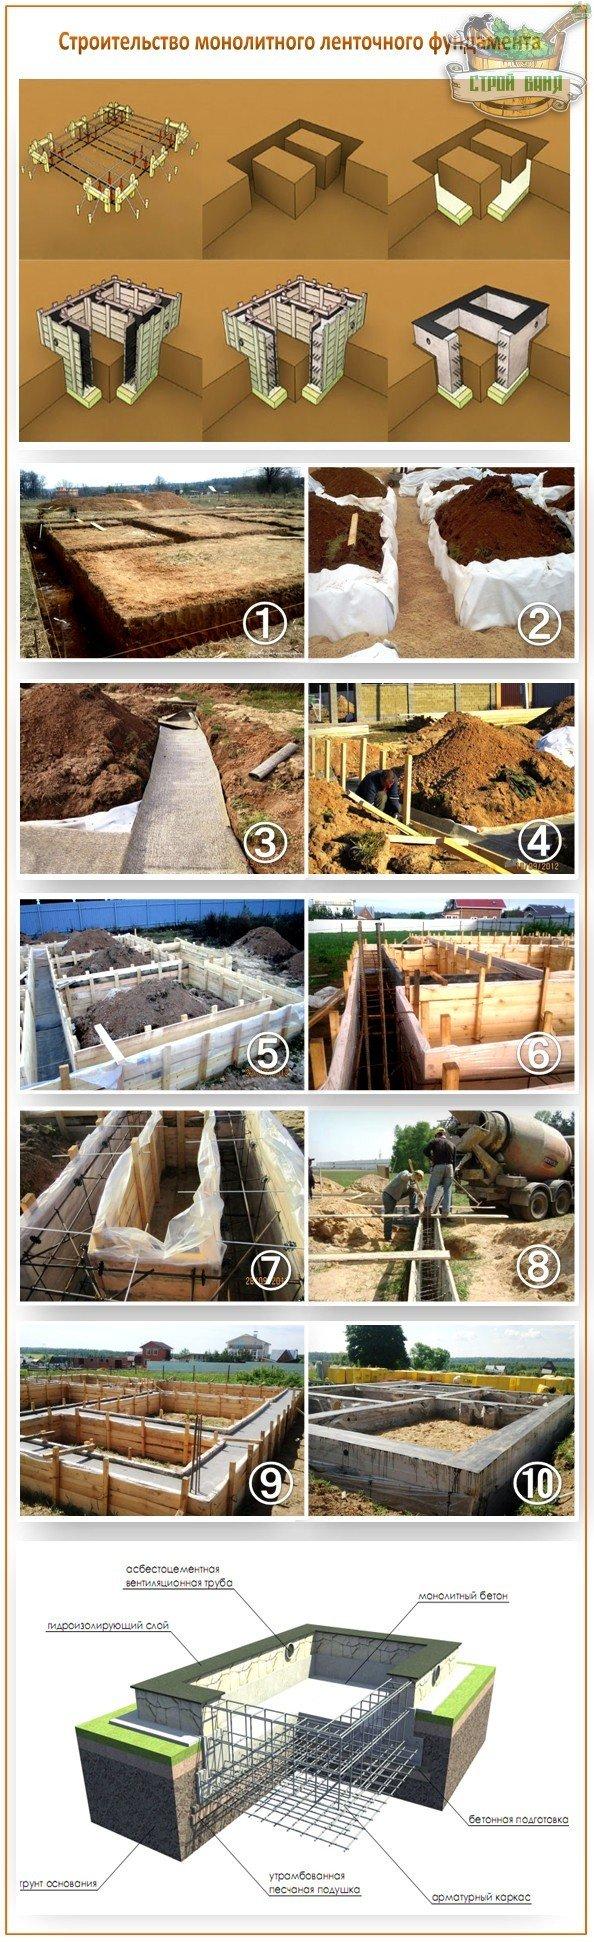 Строительство ленточного монолитного фундамента